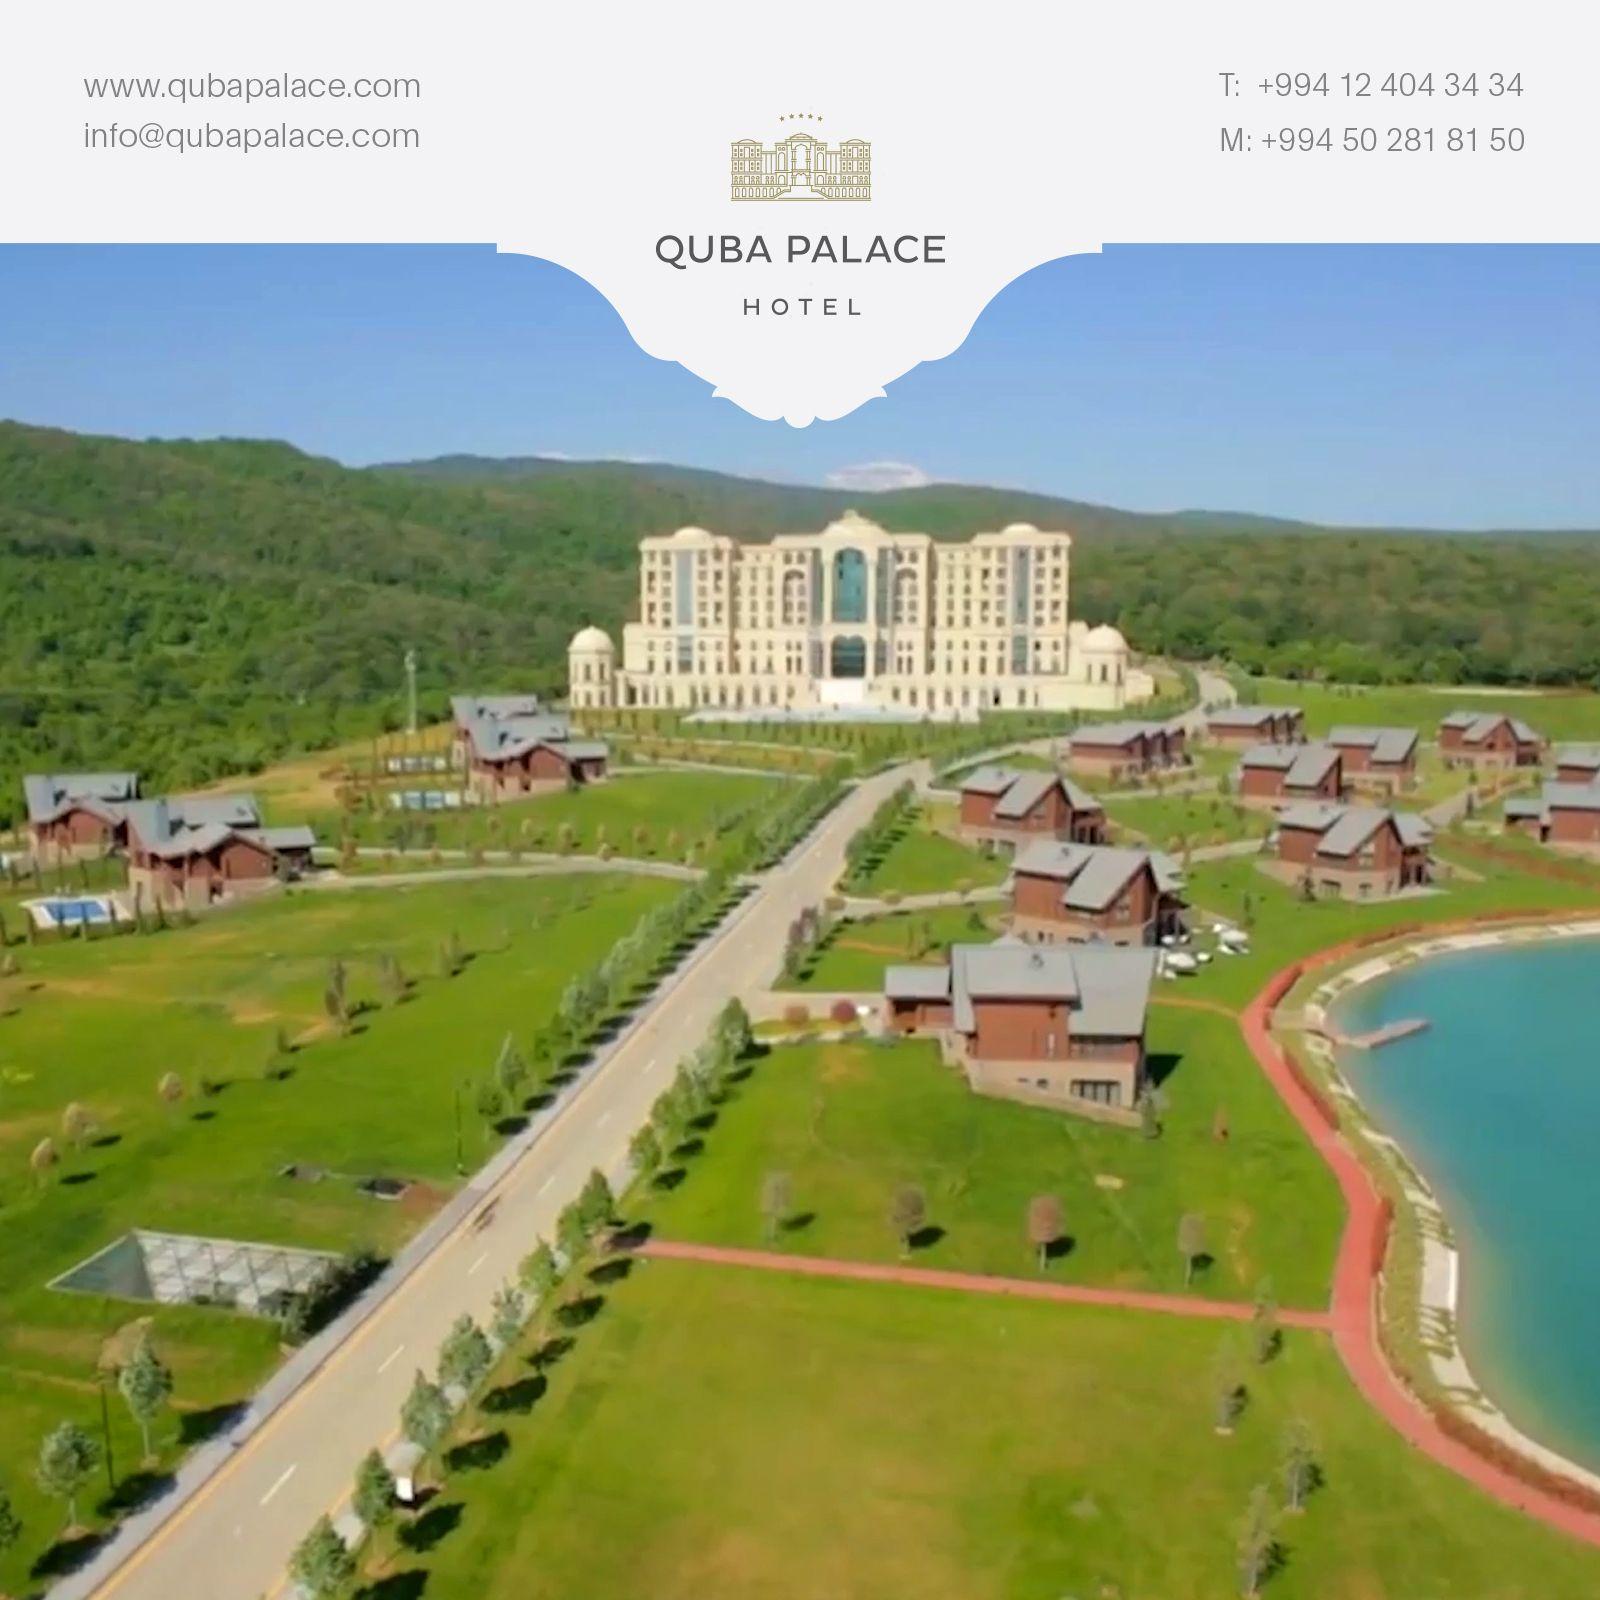 Istənilən Aspektdən Fərqliliyini Gostərən Quba Palace Hotel Təbii Gozəlliyin əsas Unvanidir Distinguished By Its Palace Hotel Hotel Palace